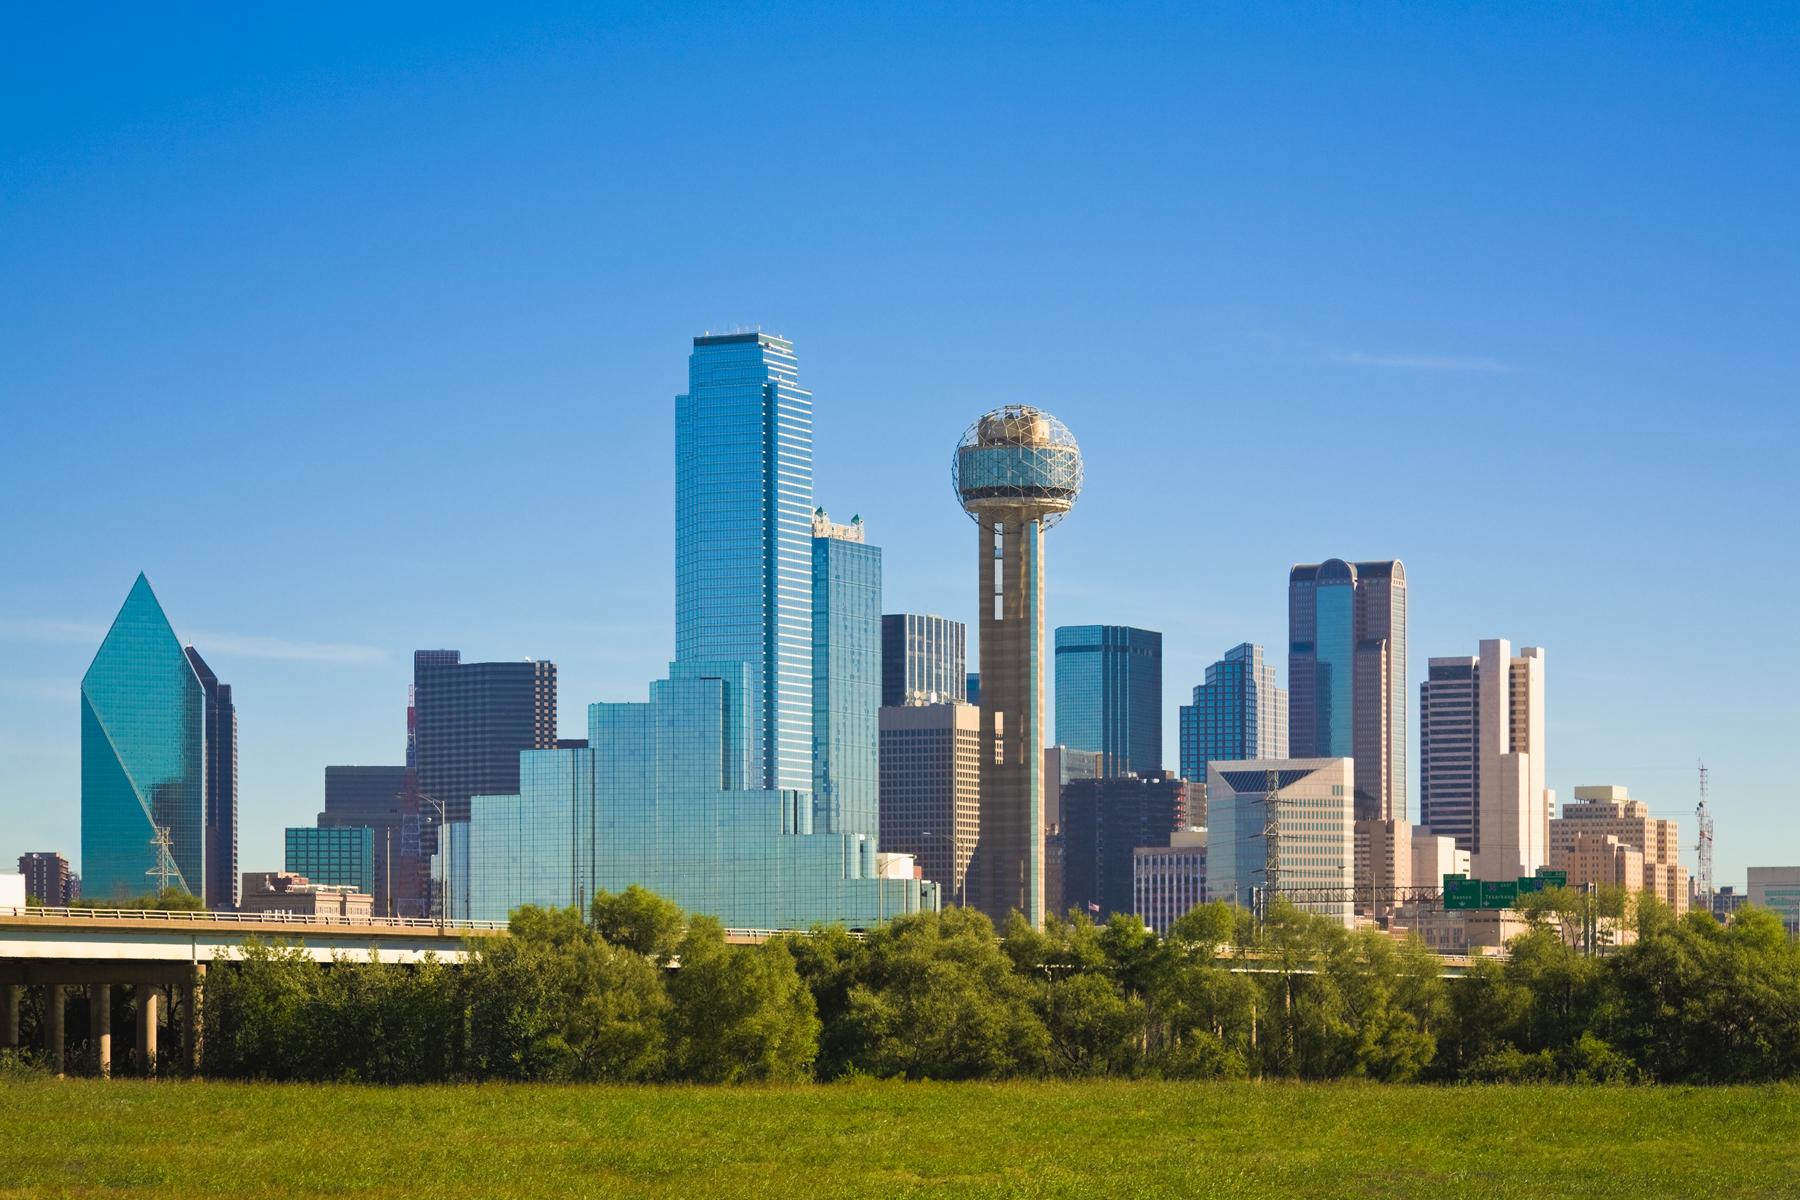 L'arte spagnola in mostra a Dallas, Texas